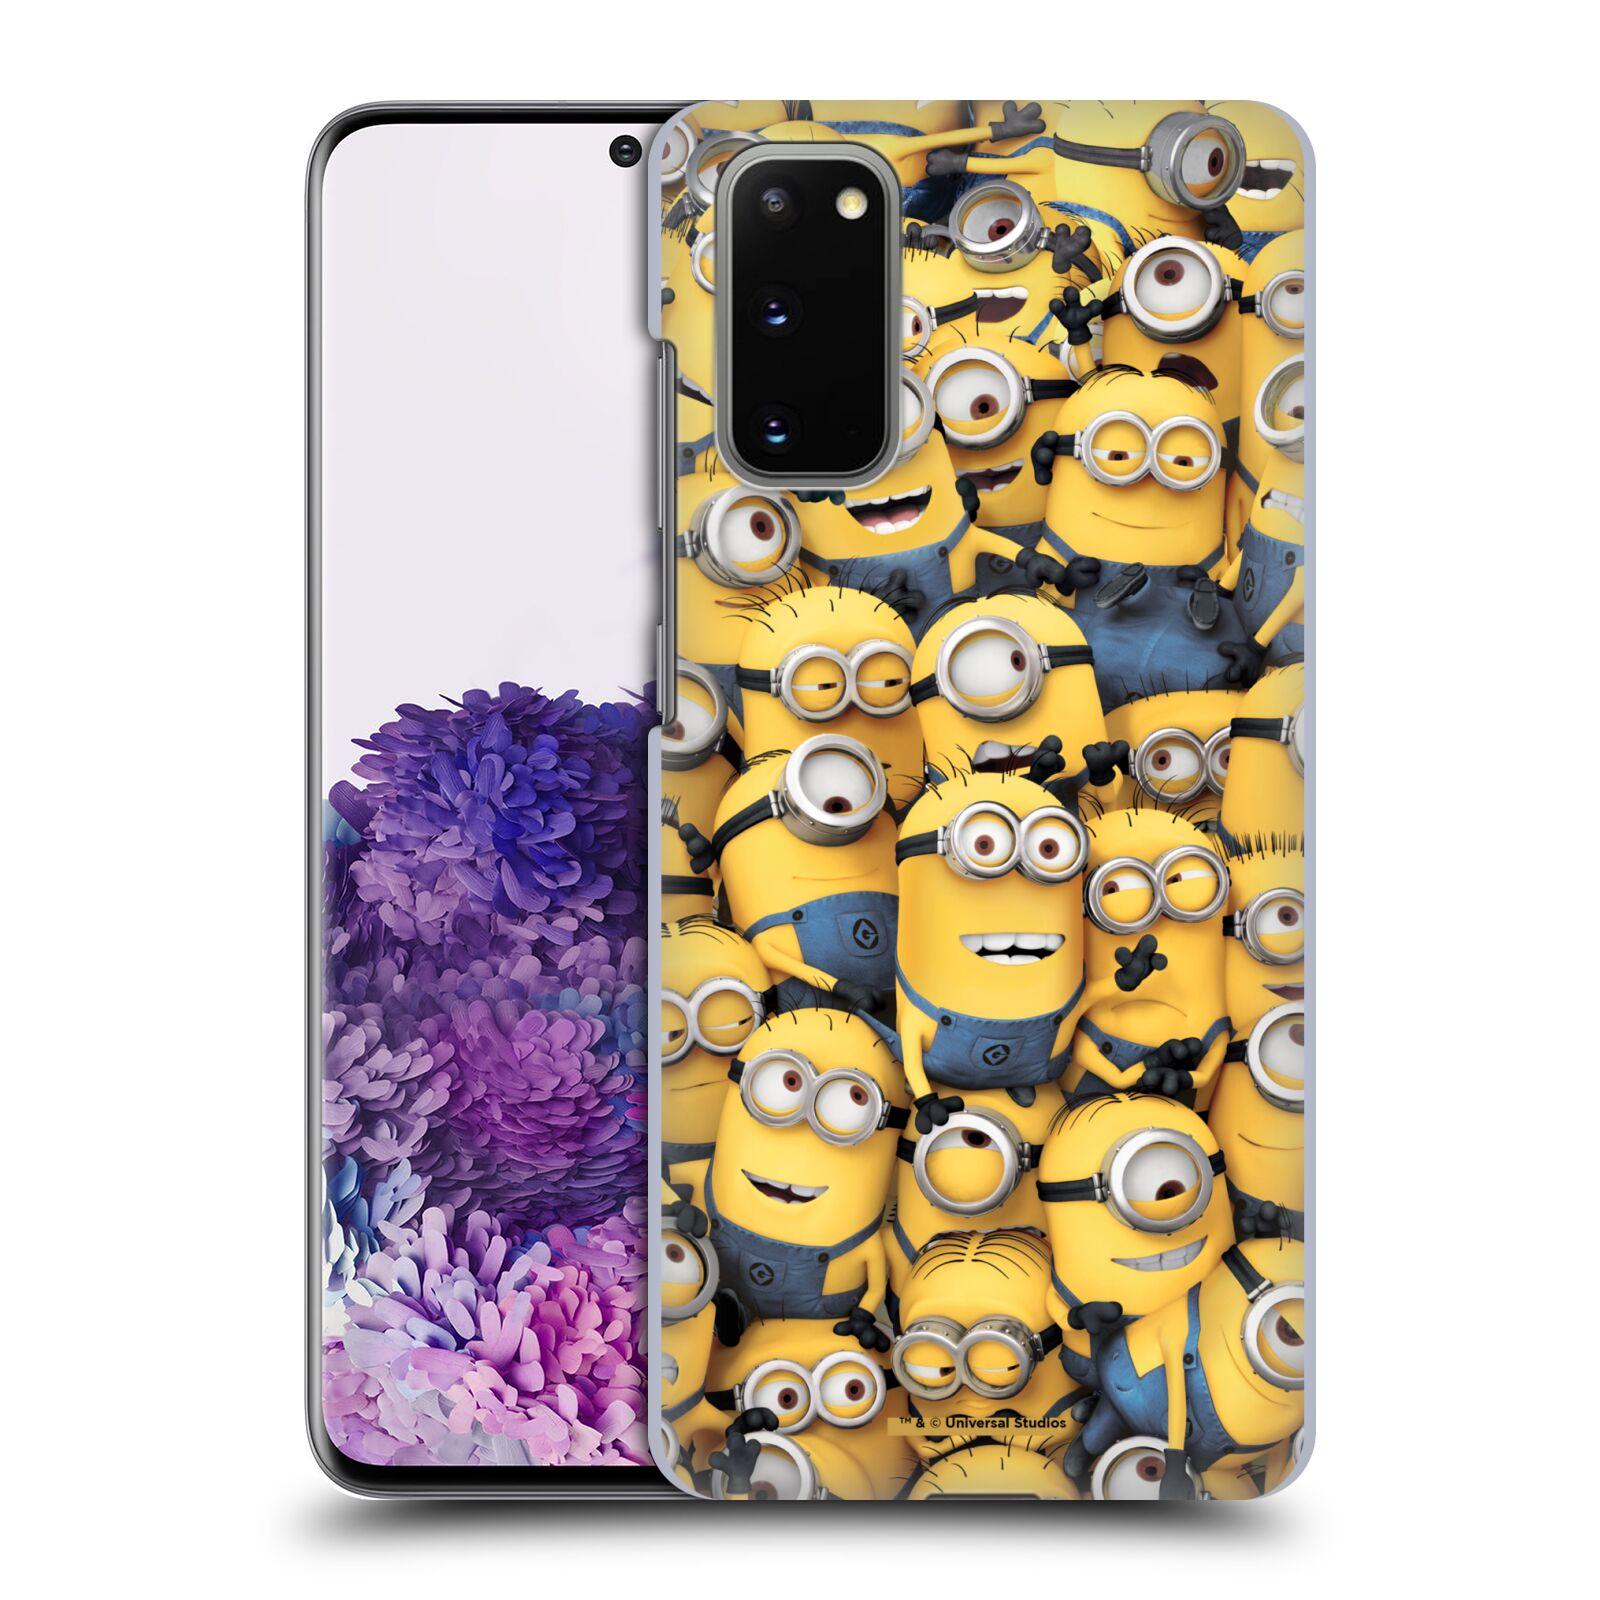 Plastové pouzdro na mobil Samsung Galaxy S20 - Head Case - Mimoni všude z filmu Já, padouch - Despicable Me